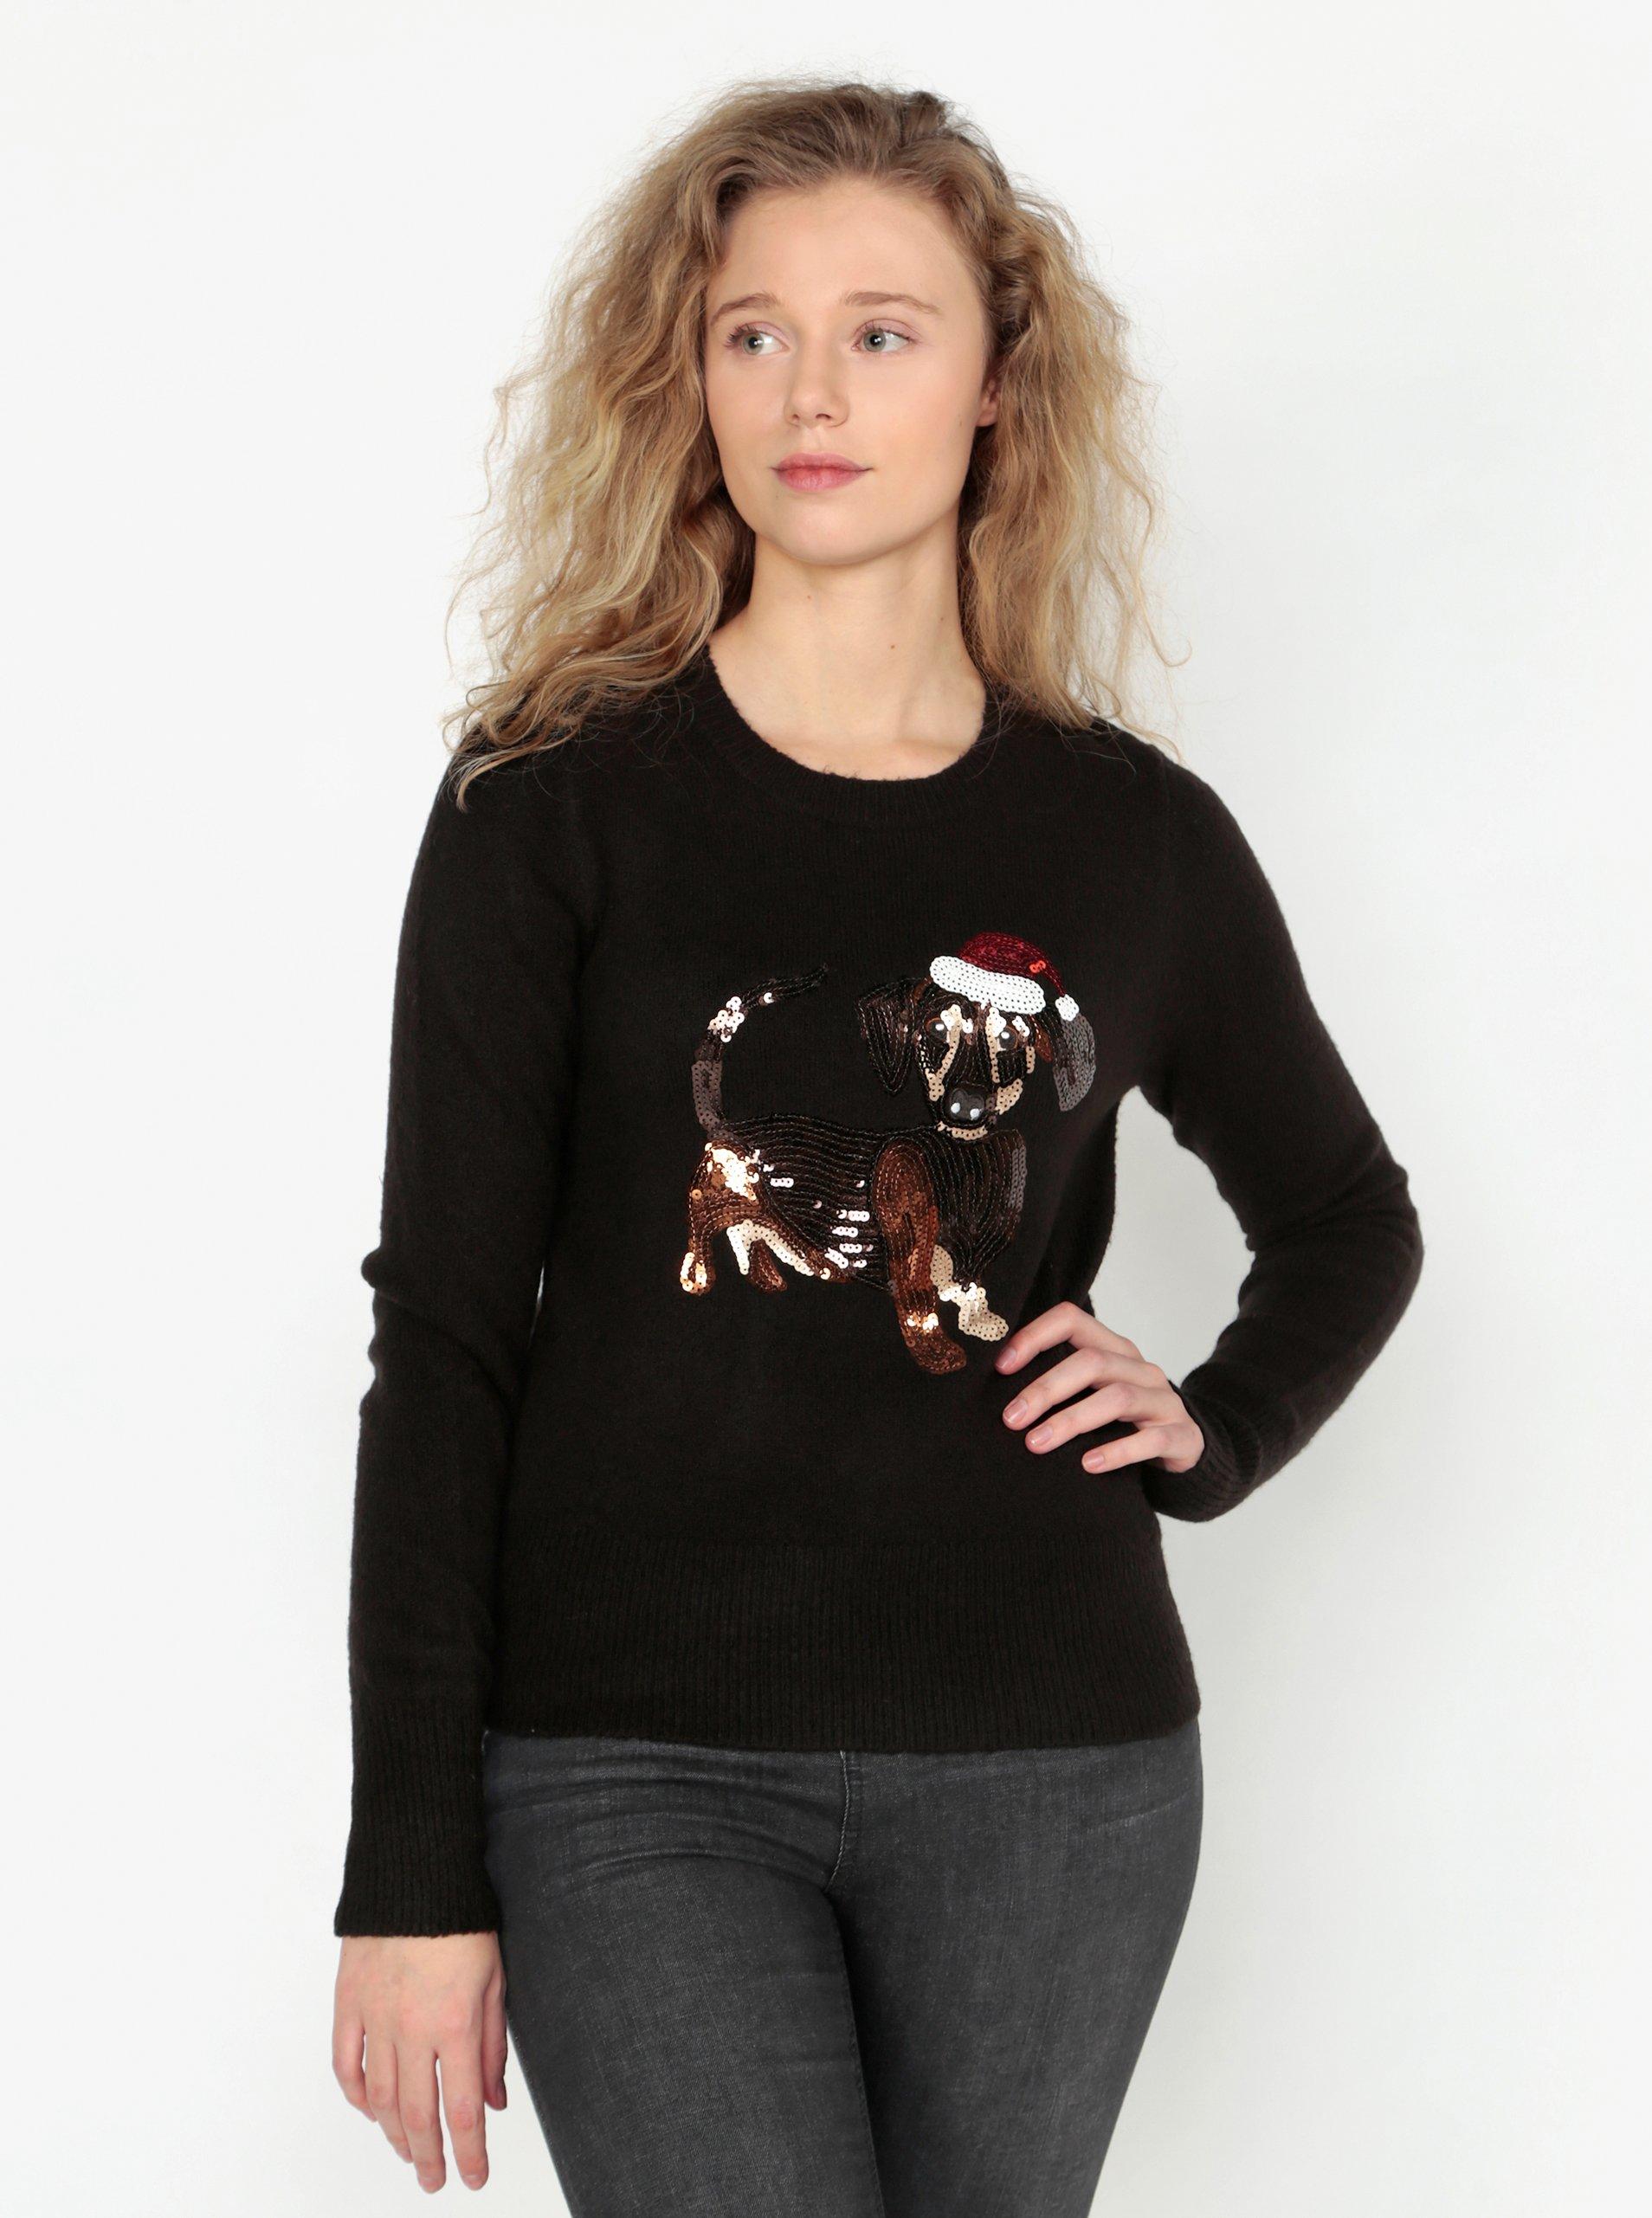 Černý svetr s motivem jezevčíka z flitrů Oasis Jumper